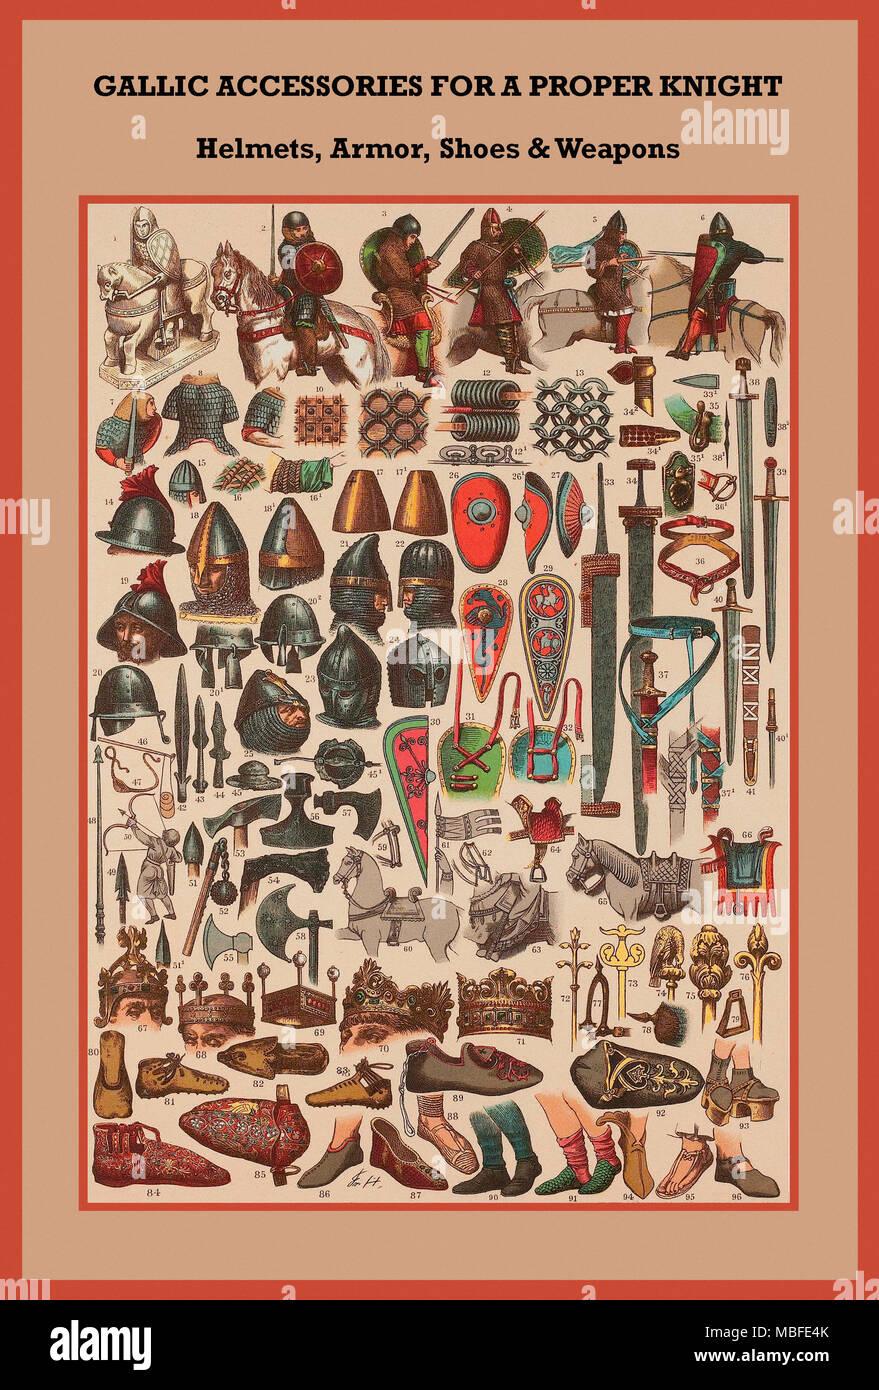 Il cavaliere gallico caschi, ARMOR, scarpe & Armi Immagini Stock